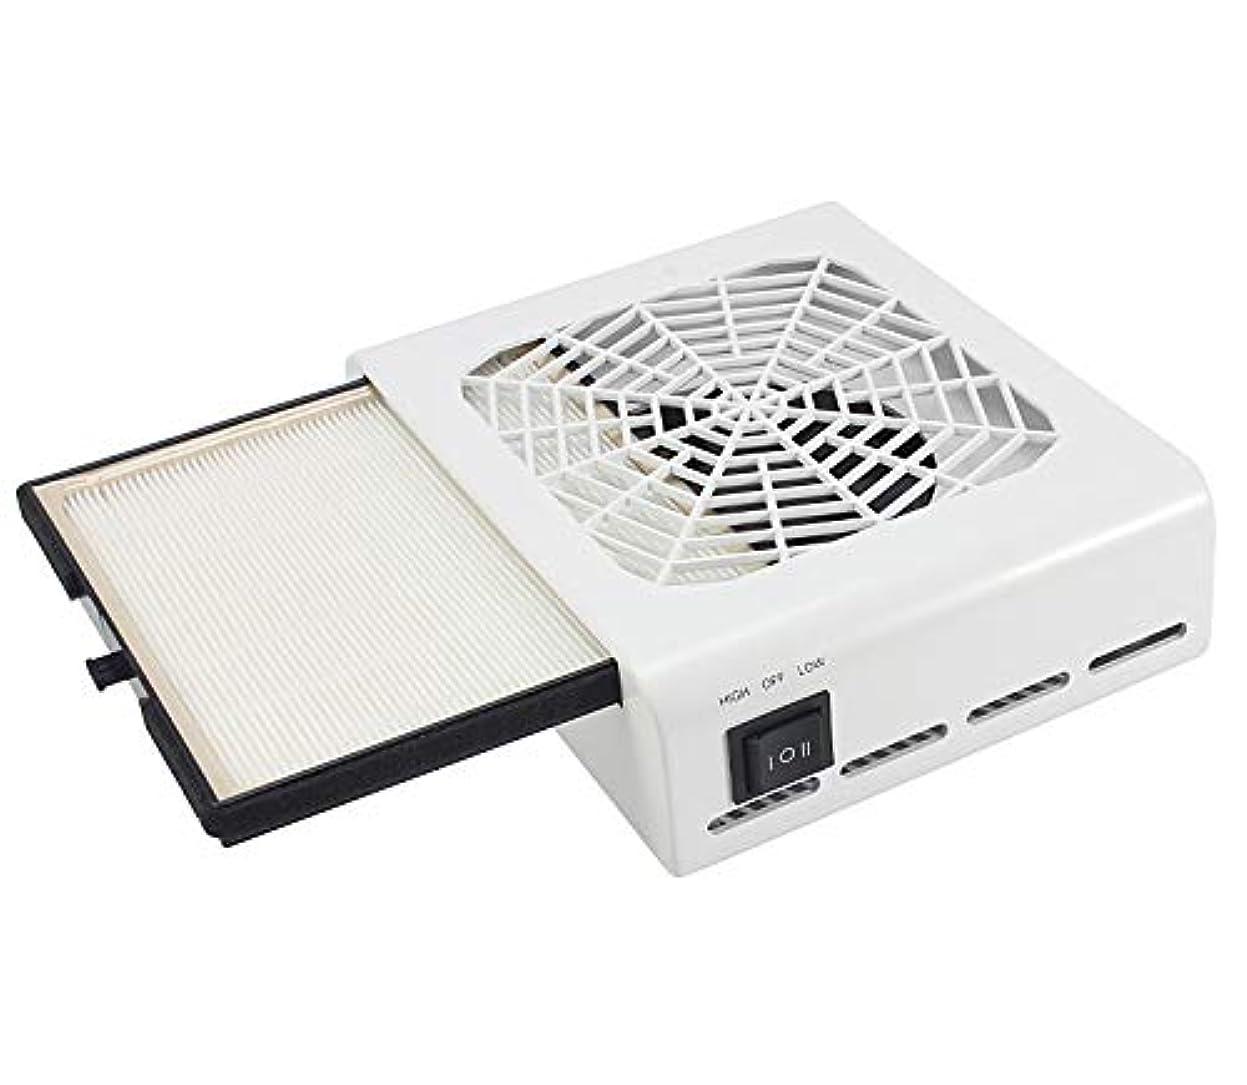 酸っぱい上級発行するネイルダスト 集塵機 ジェルネイル ネイル機器 最新版 セルフネイル 低騒音 110V 40W パワー調節可能 白